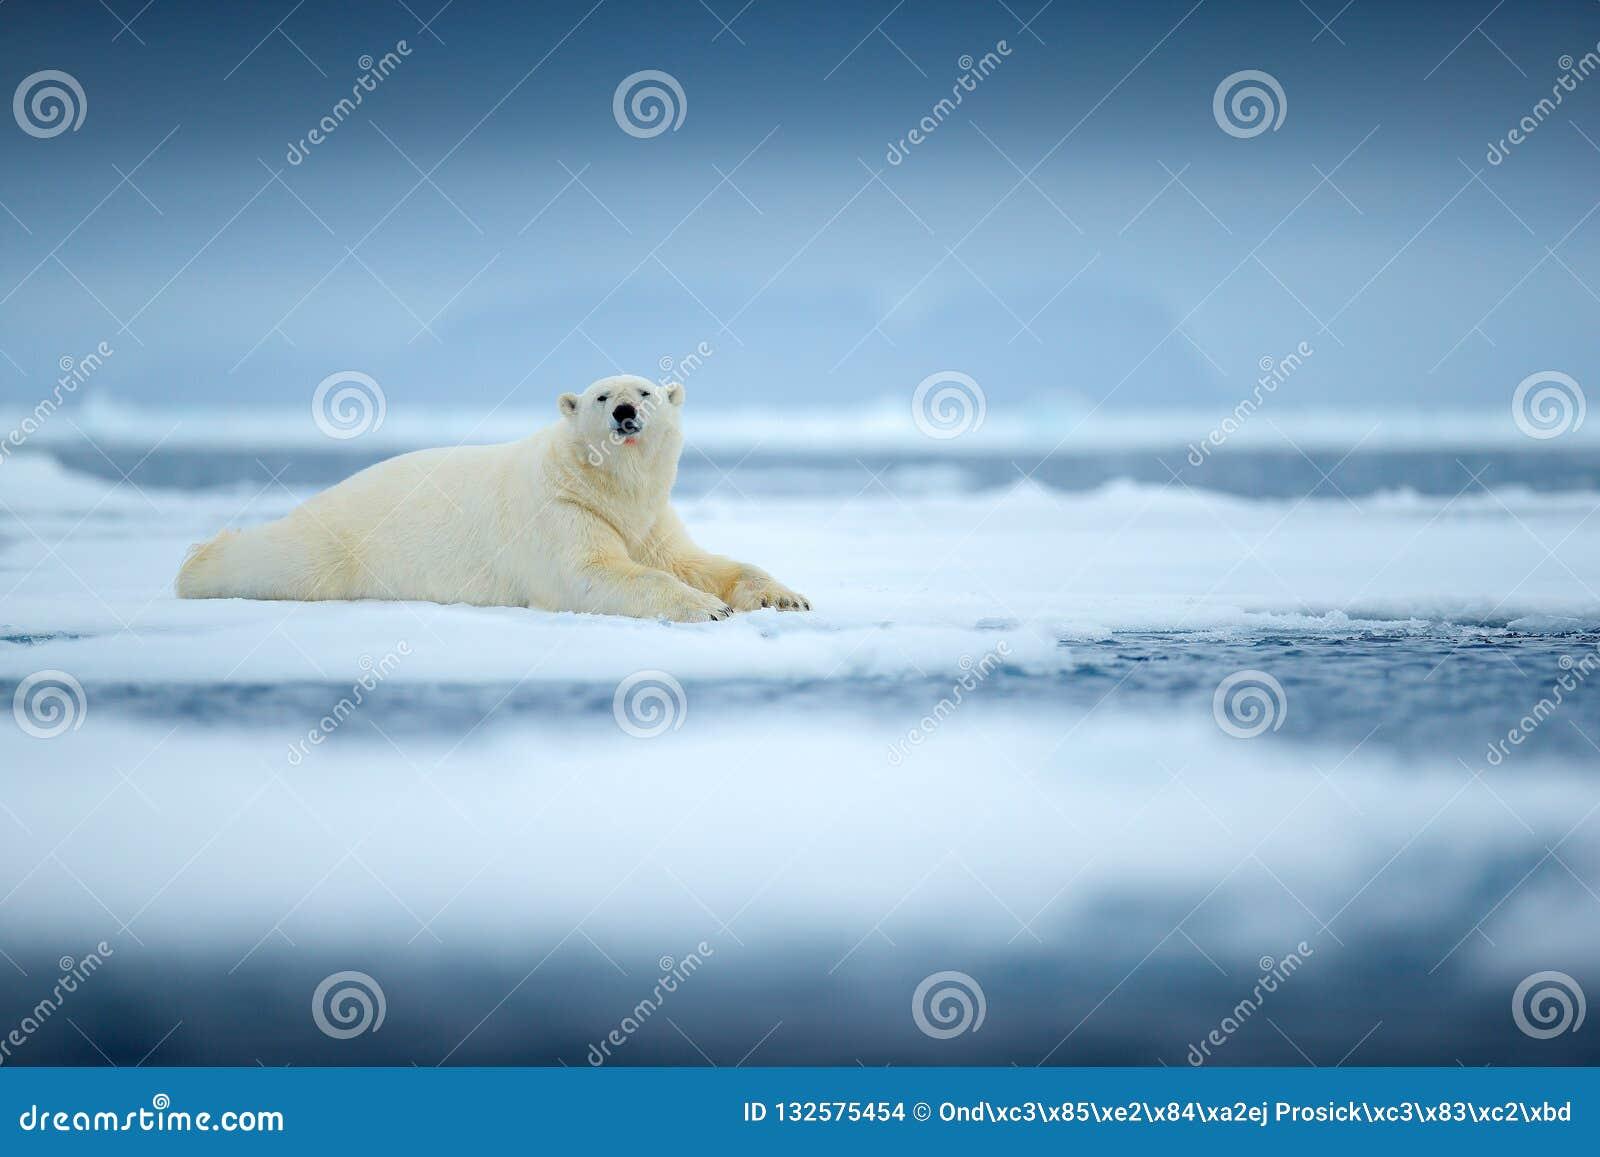 极性在海涉及与雪的流冰边缘和水 白色动物在自然栖所,北部欧洲,斯瓦尔巴特群岛,挪威